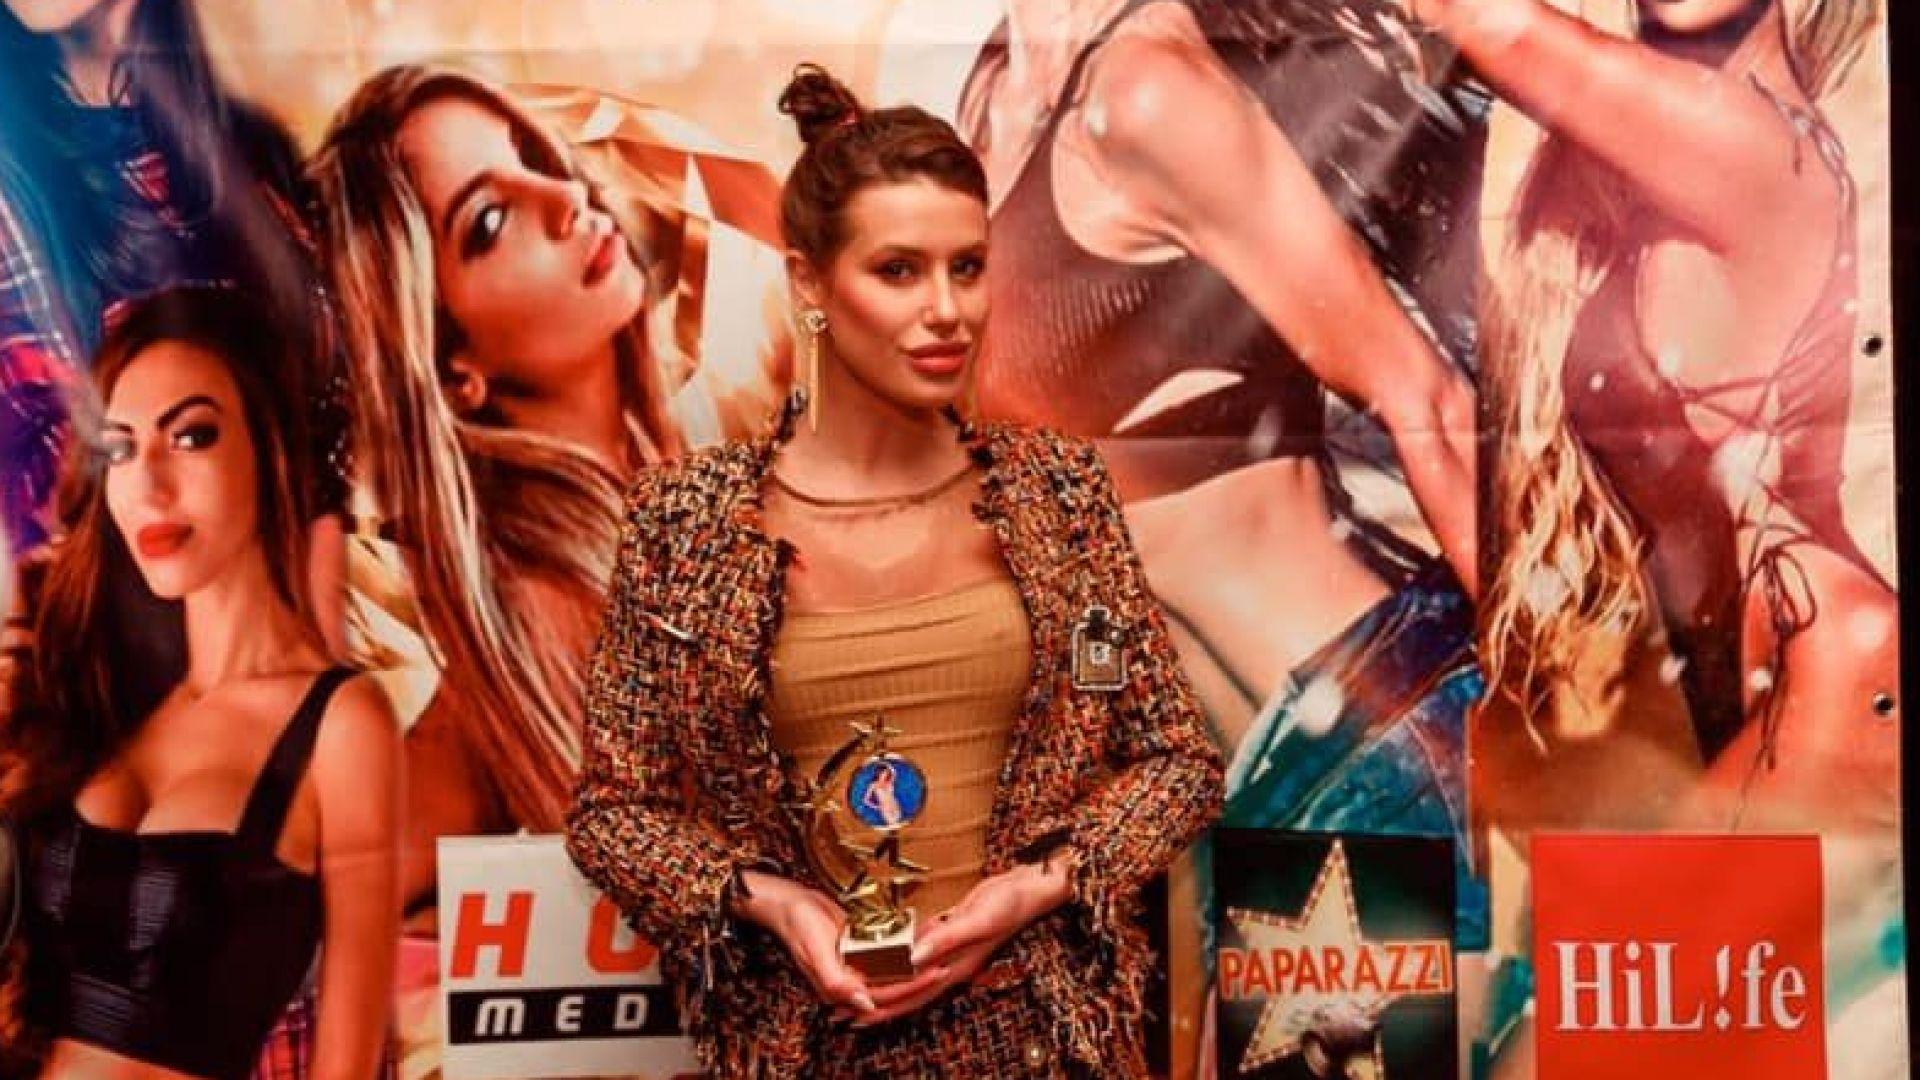 Мис България 2019 Радинела Чушева е новият секссимвол сред моделите